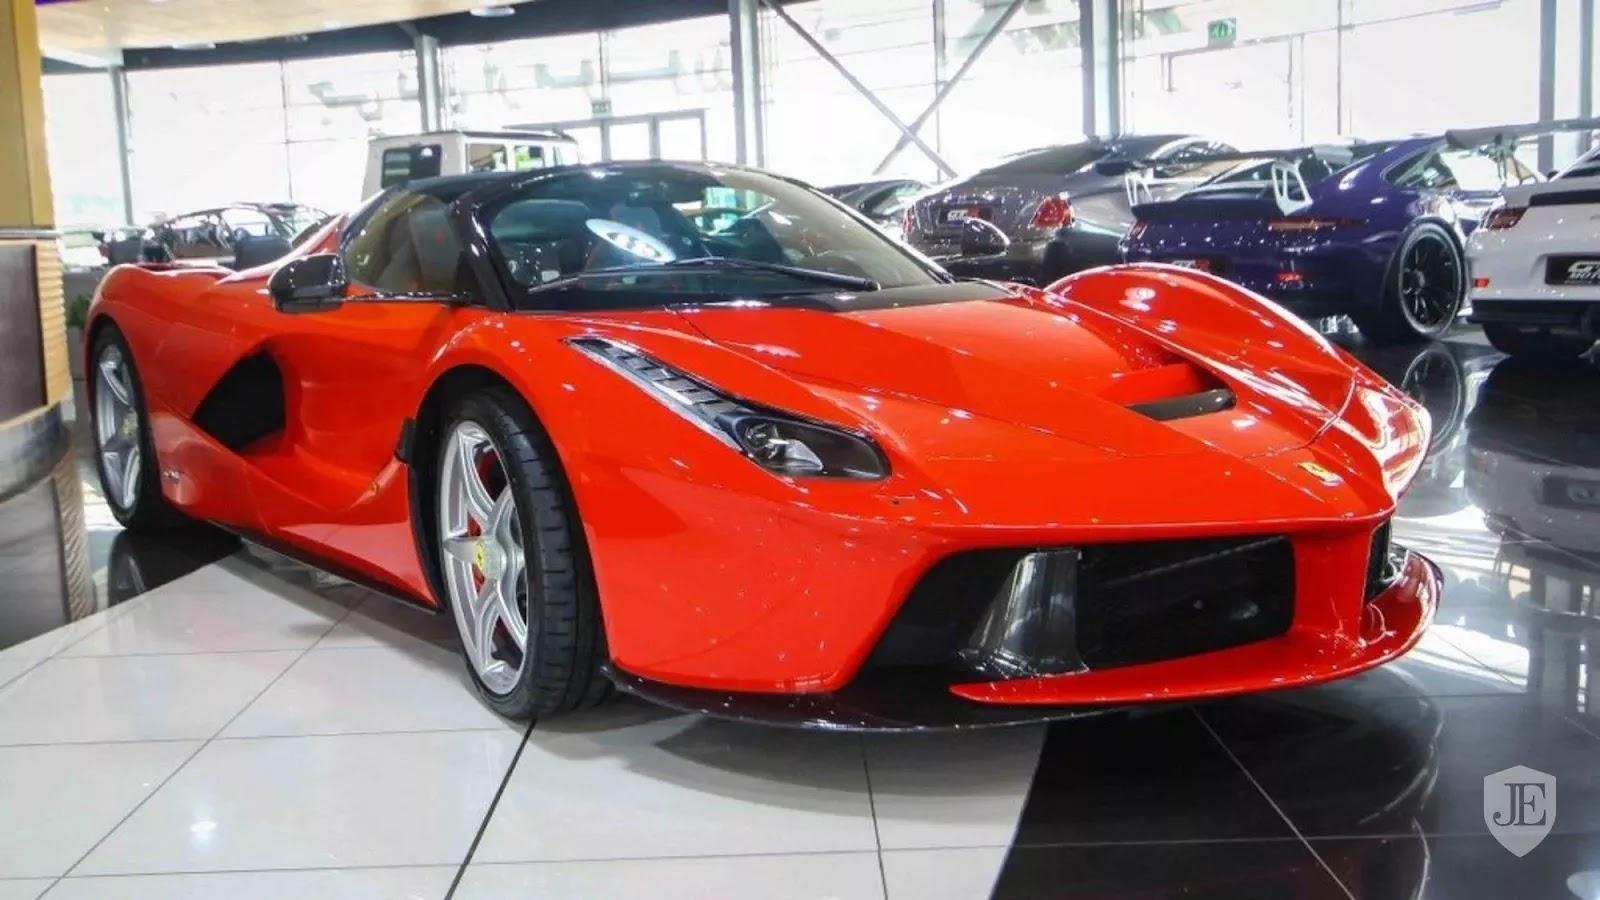 Xe++ - 'Siêu phẩm' Ferrari LaFerrari Aperta được chào bán 166 tỷ đồng ở Dubai (Hình 4).